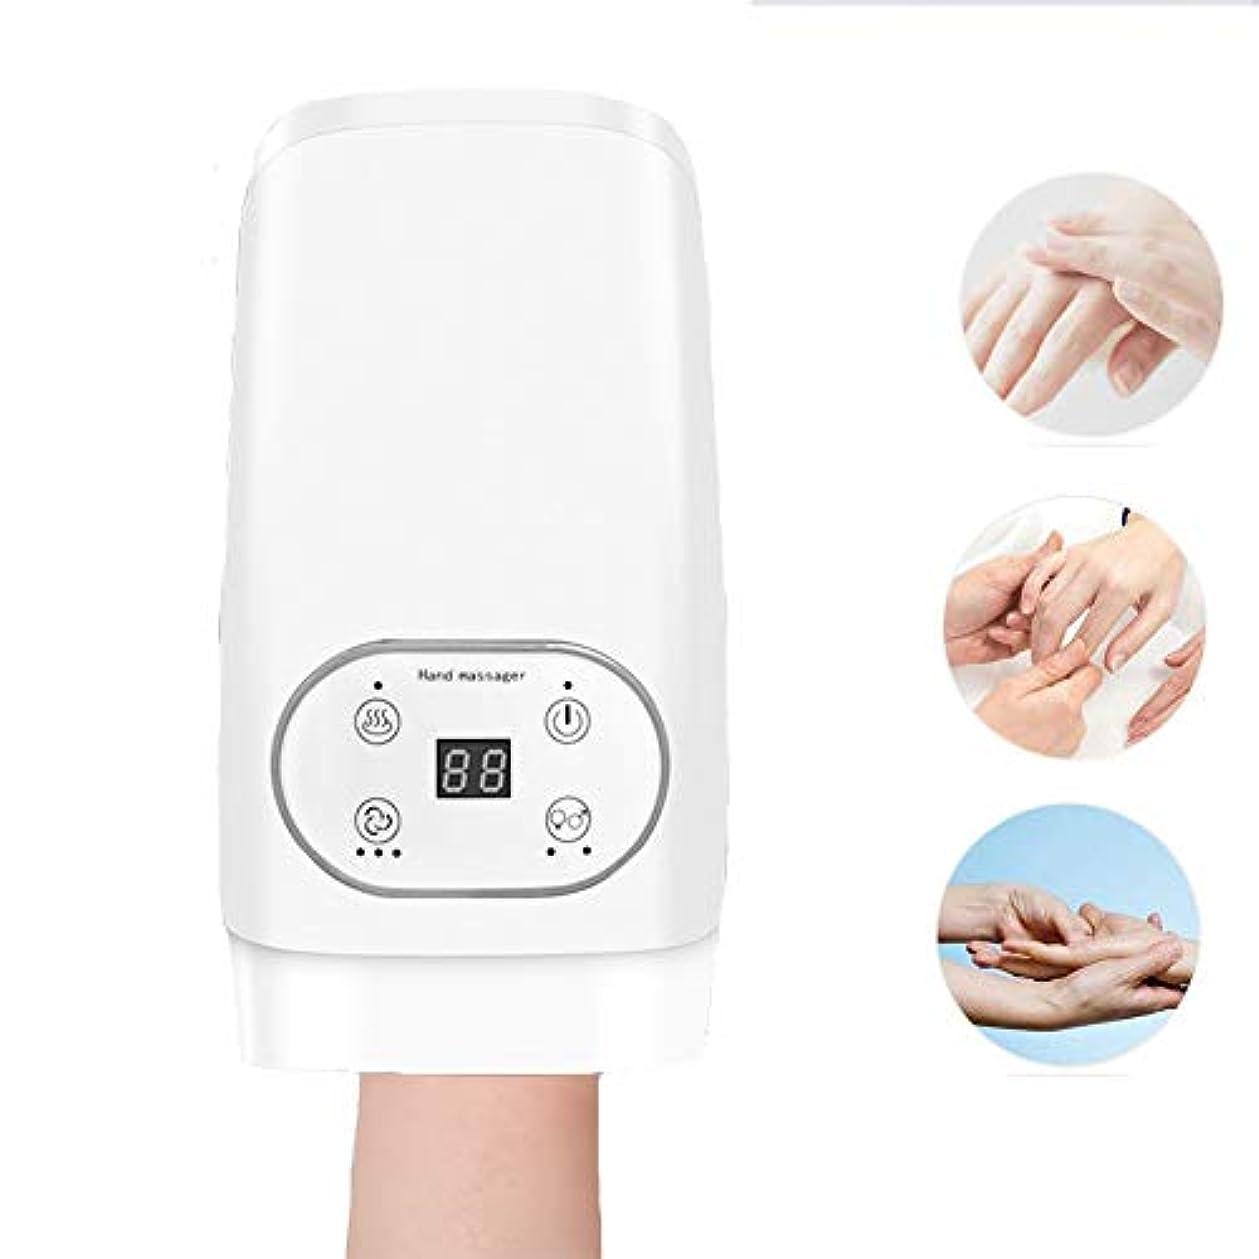 最後の唯一コマース電気ハンドマッサージャーコードレス指圧マッサージャーUSB充電式手のひらマッサージ